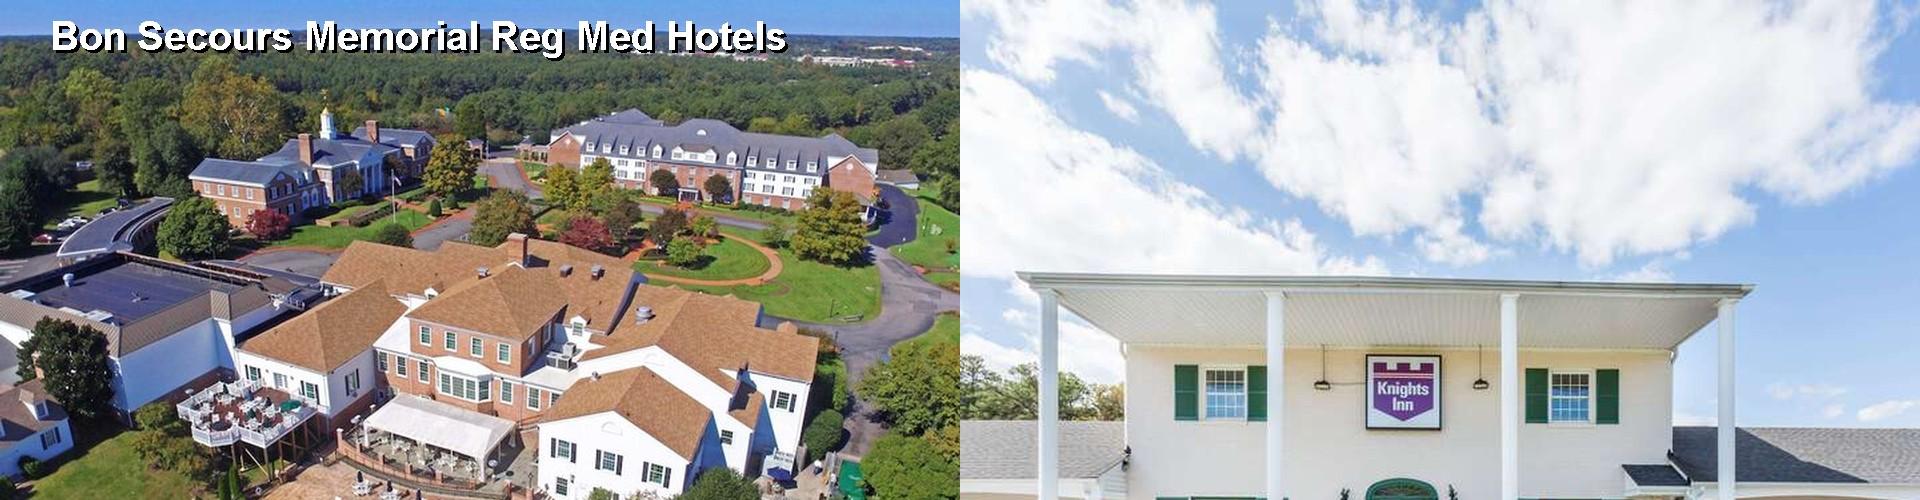 5 Best Hotels Near Bon Secours Memorial Reg Med